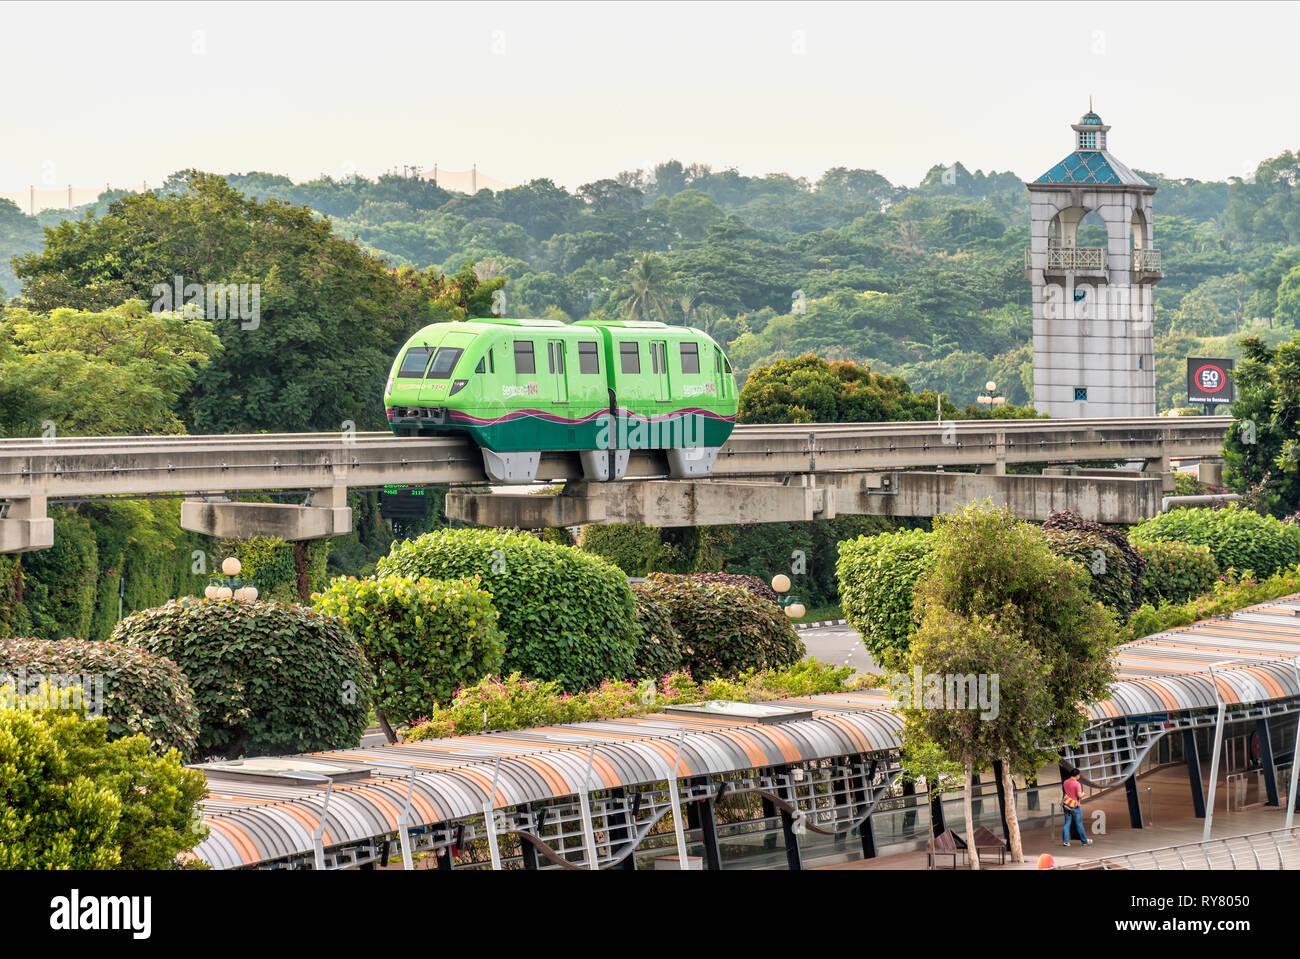 Il Sentosa Express isola treno monorotaia, Singapore | Sentosa Express Monorotaia Isola Zug, Singapur Immagini Stock